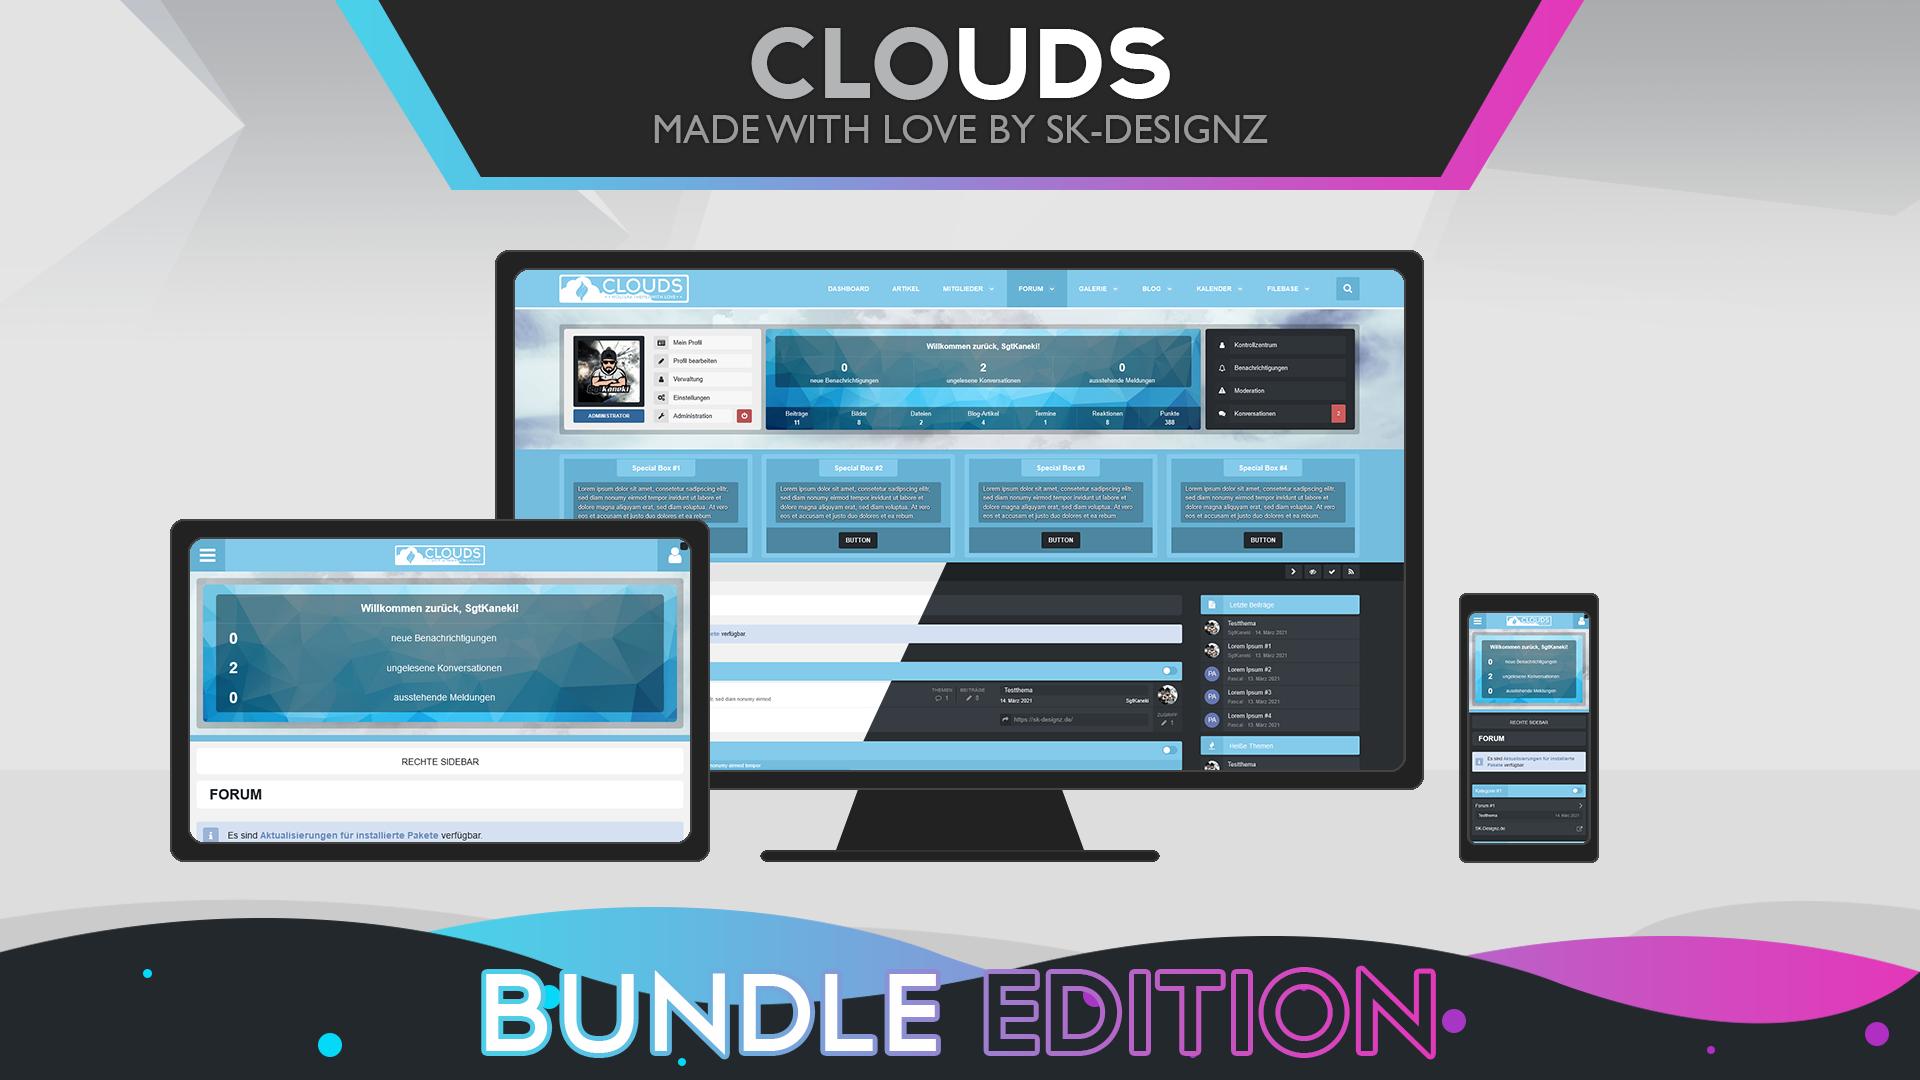 Clouds - Bundle Edition